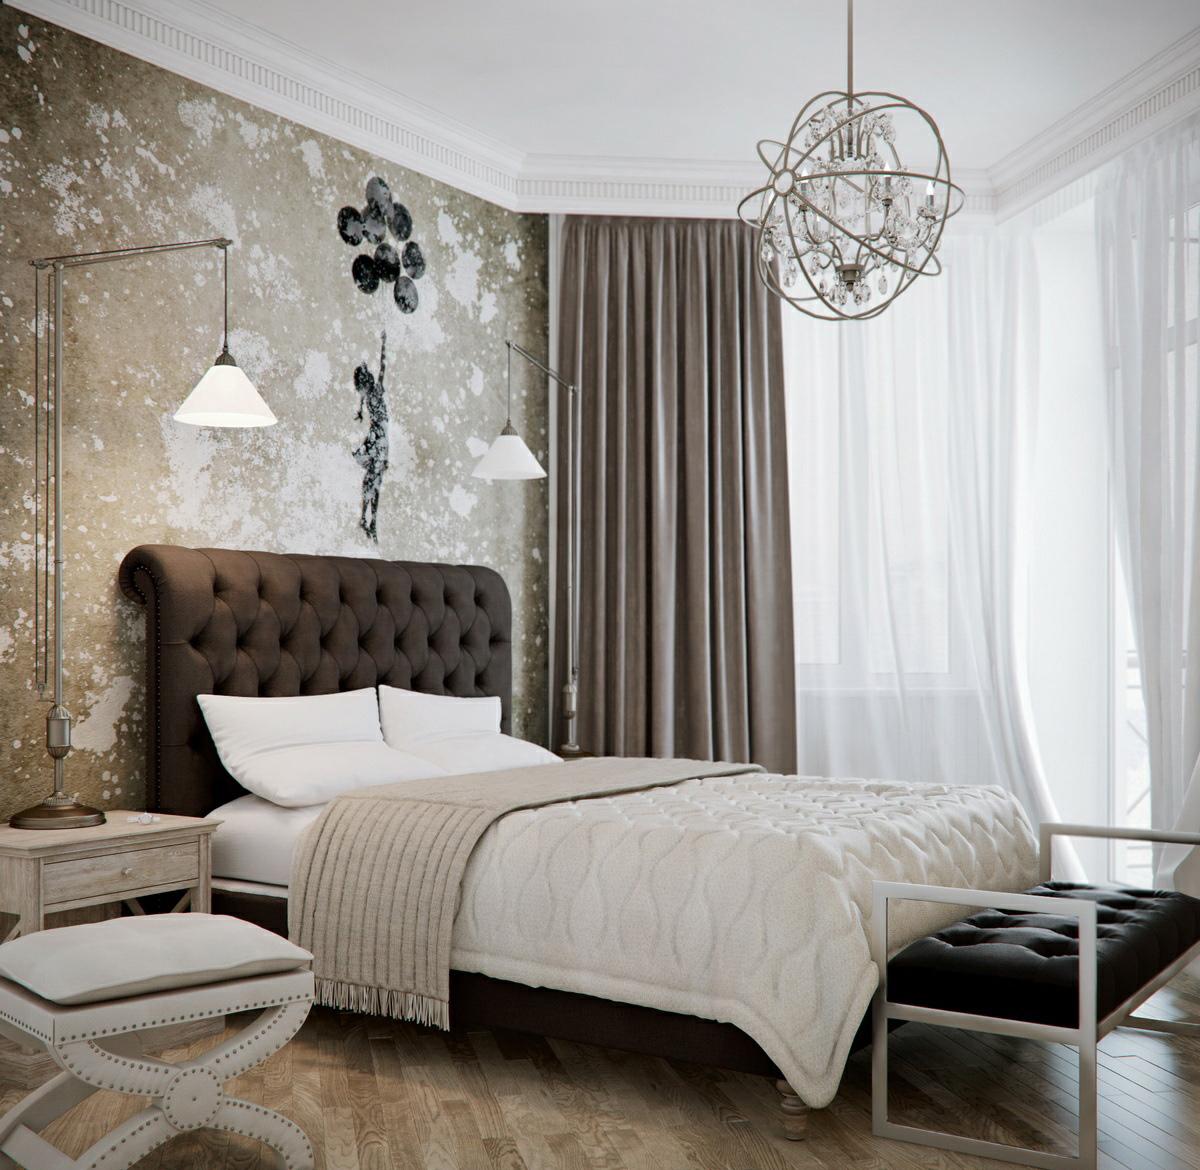 Высокие прикроватные светильники в спальне